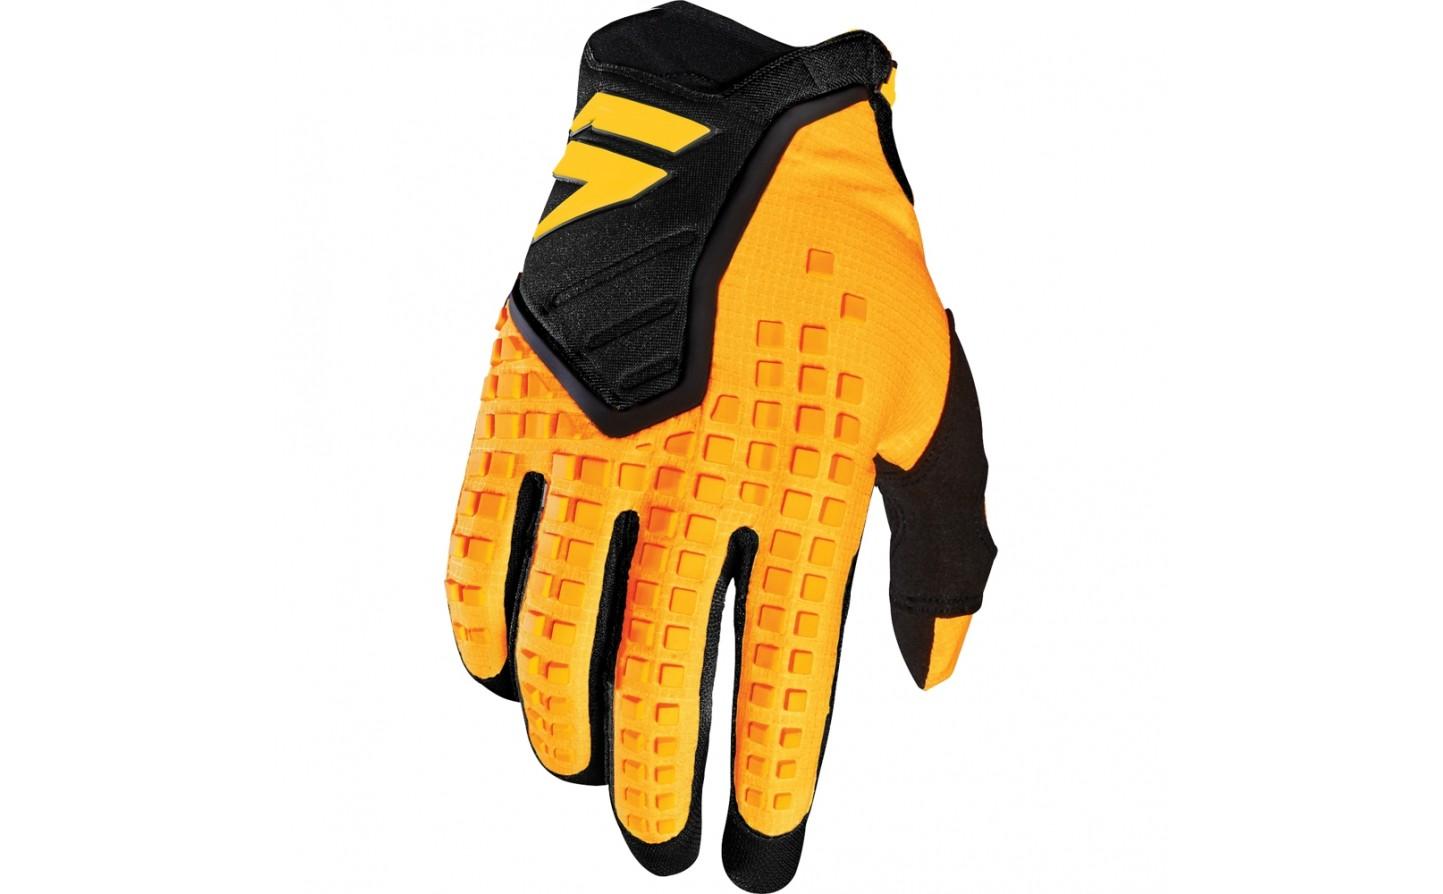 guante shfit 3lack pro glove amarillo/negro talle l